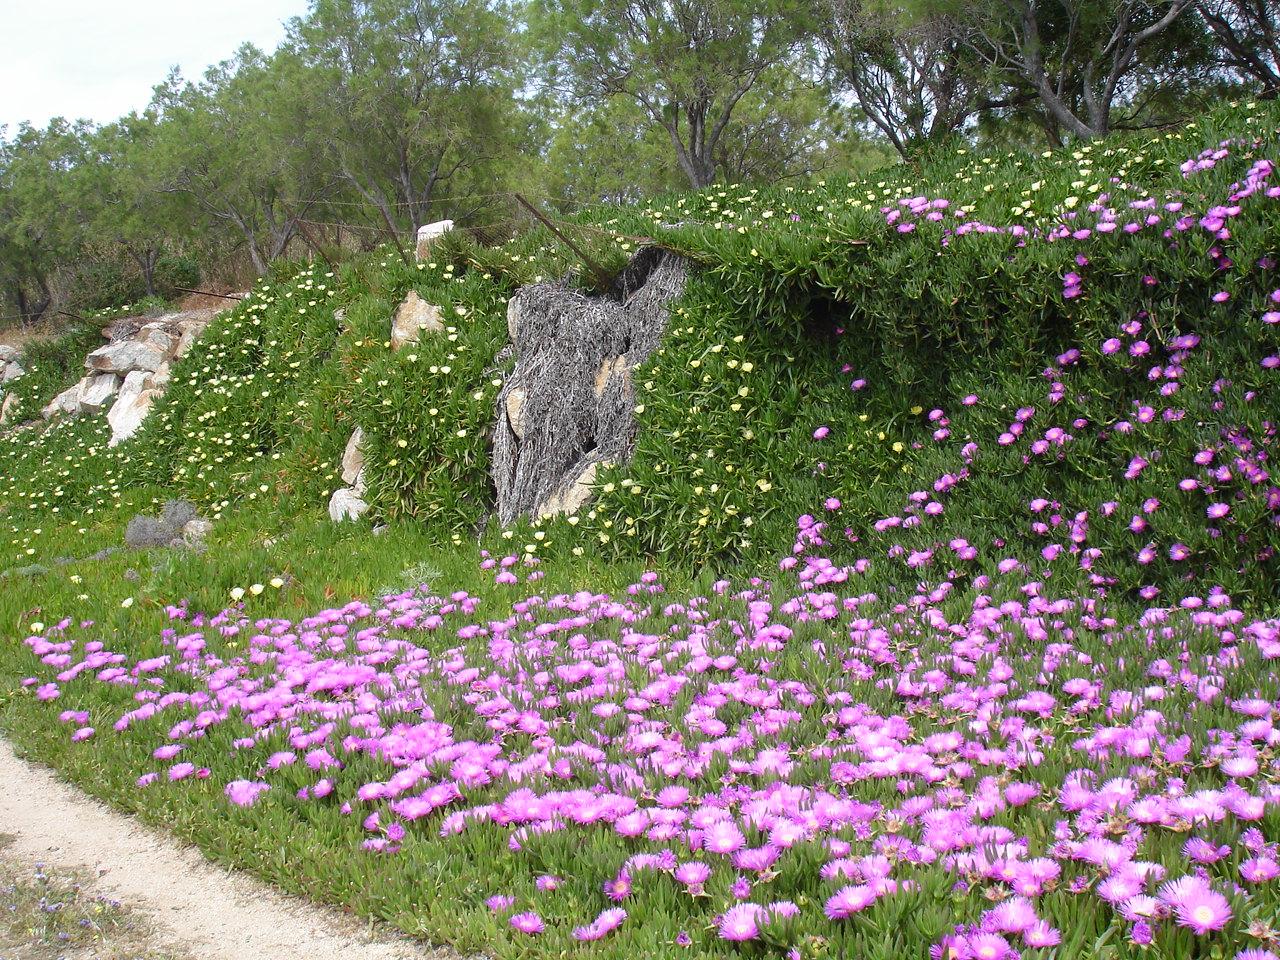 Ice plants (Delosperma cooperi) on the verge